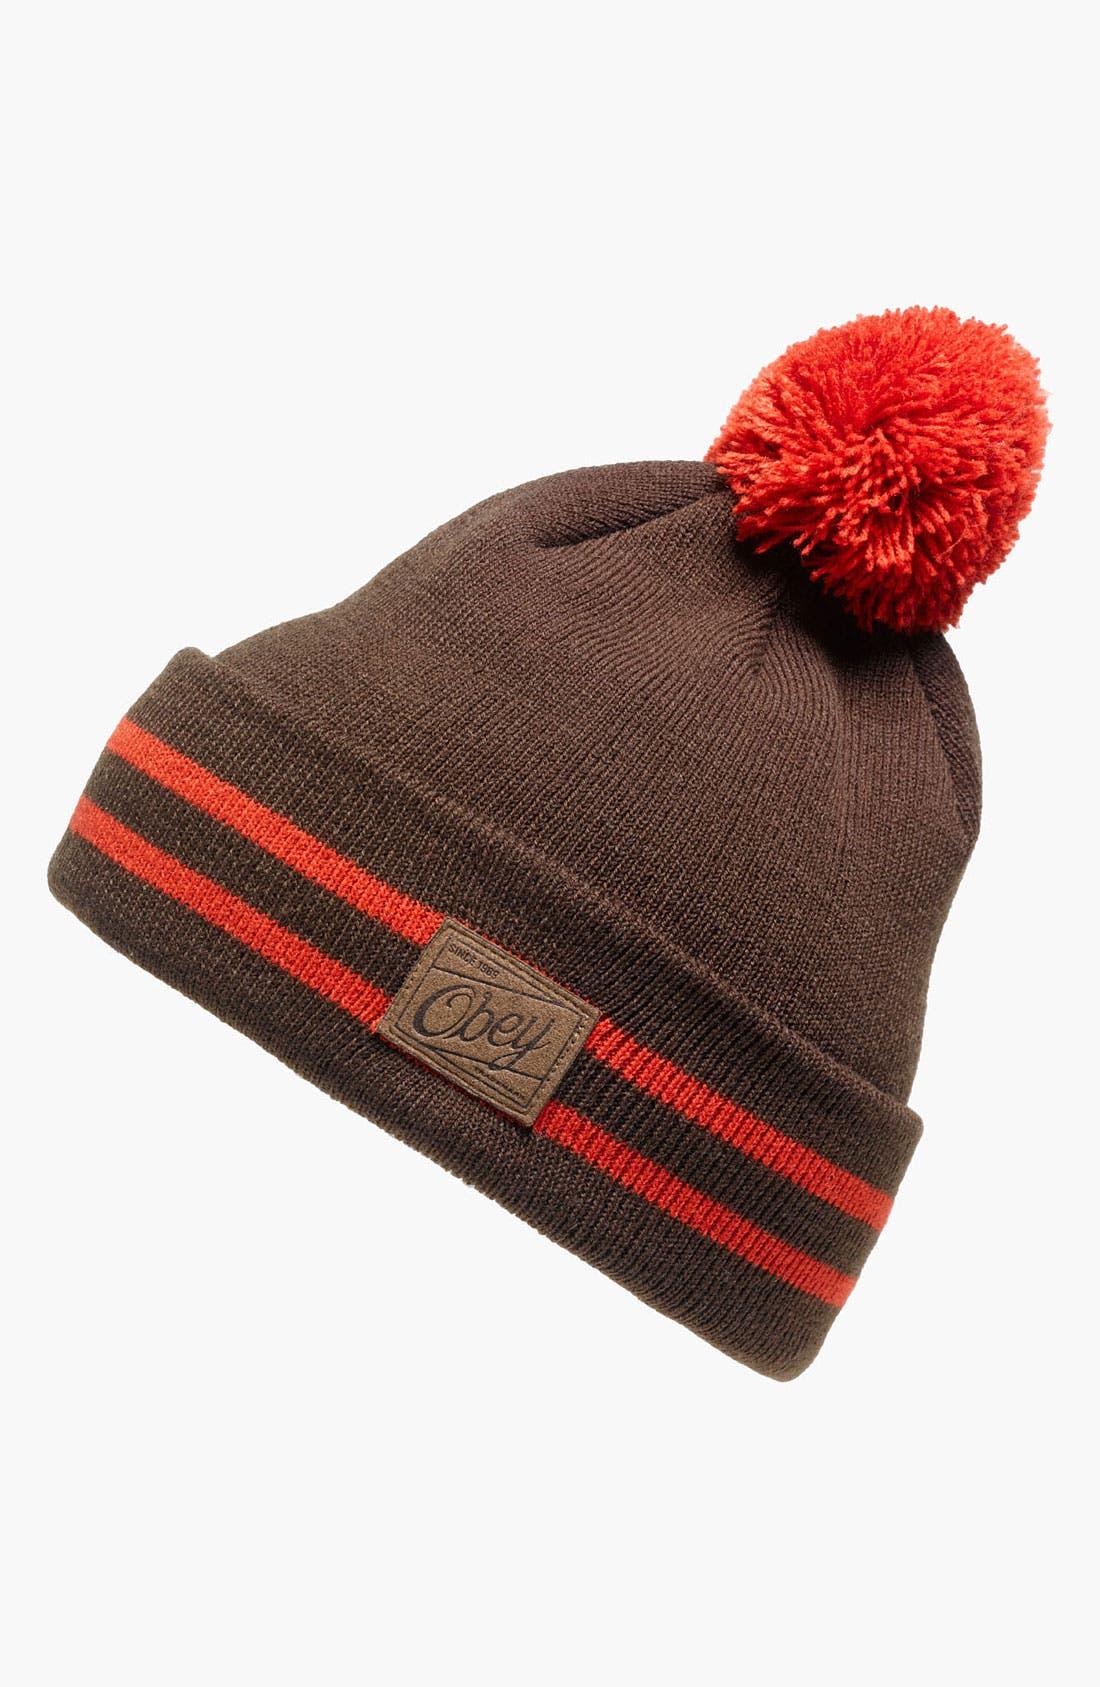 Alternate Image 1 Selected - Obey 'Tilden' Knit Cap